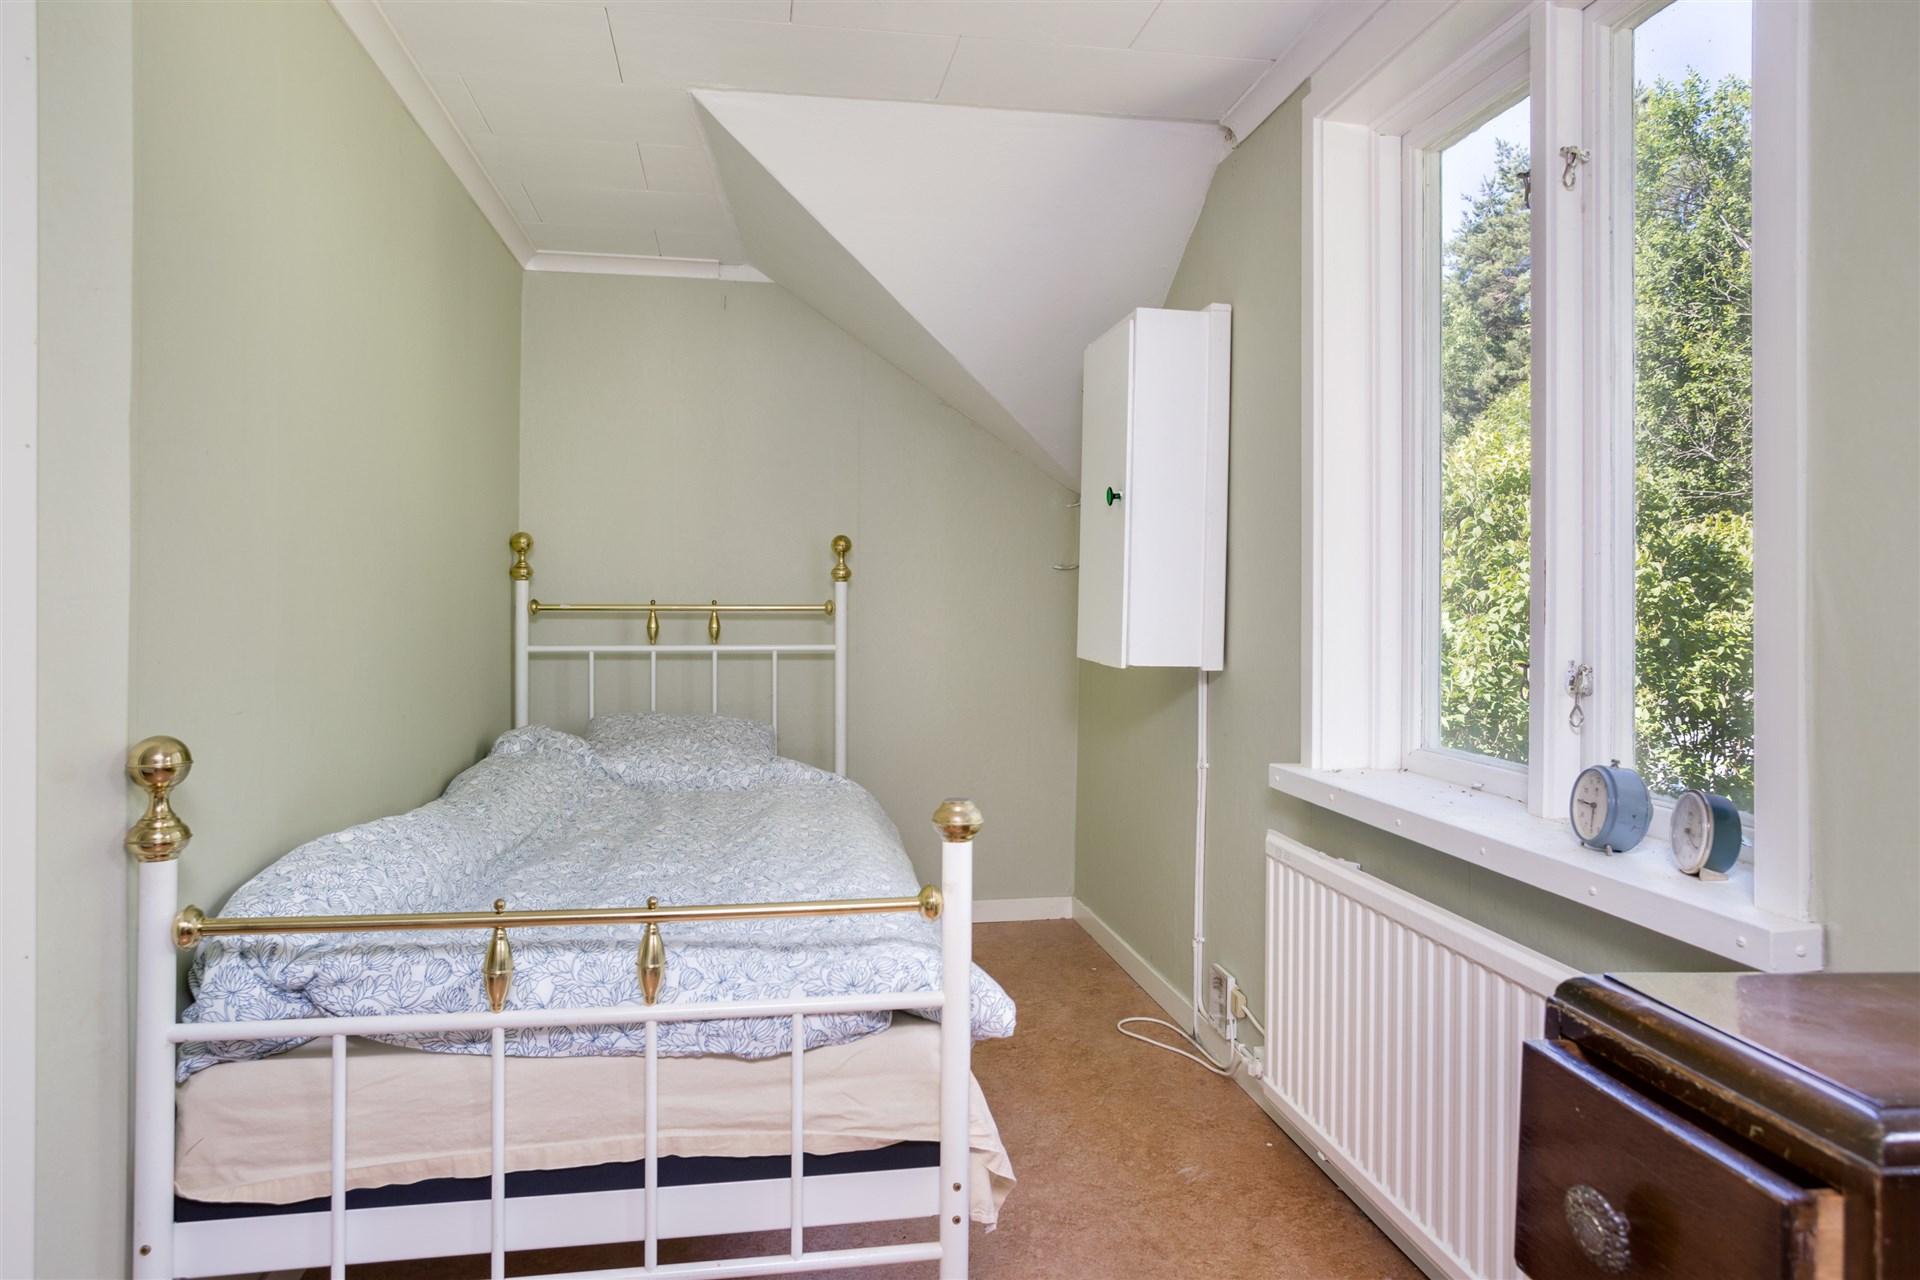 Sovrum 2. Här finns väggskåp med säkringar.